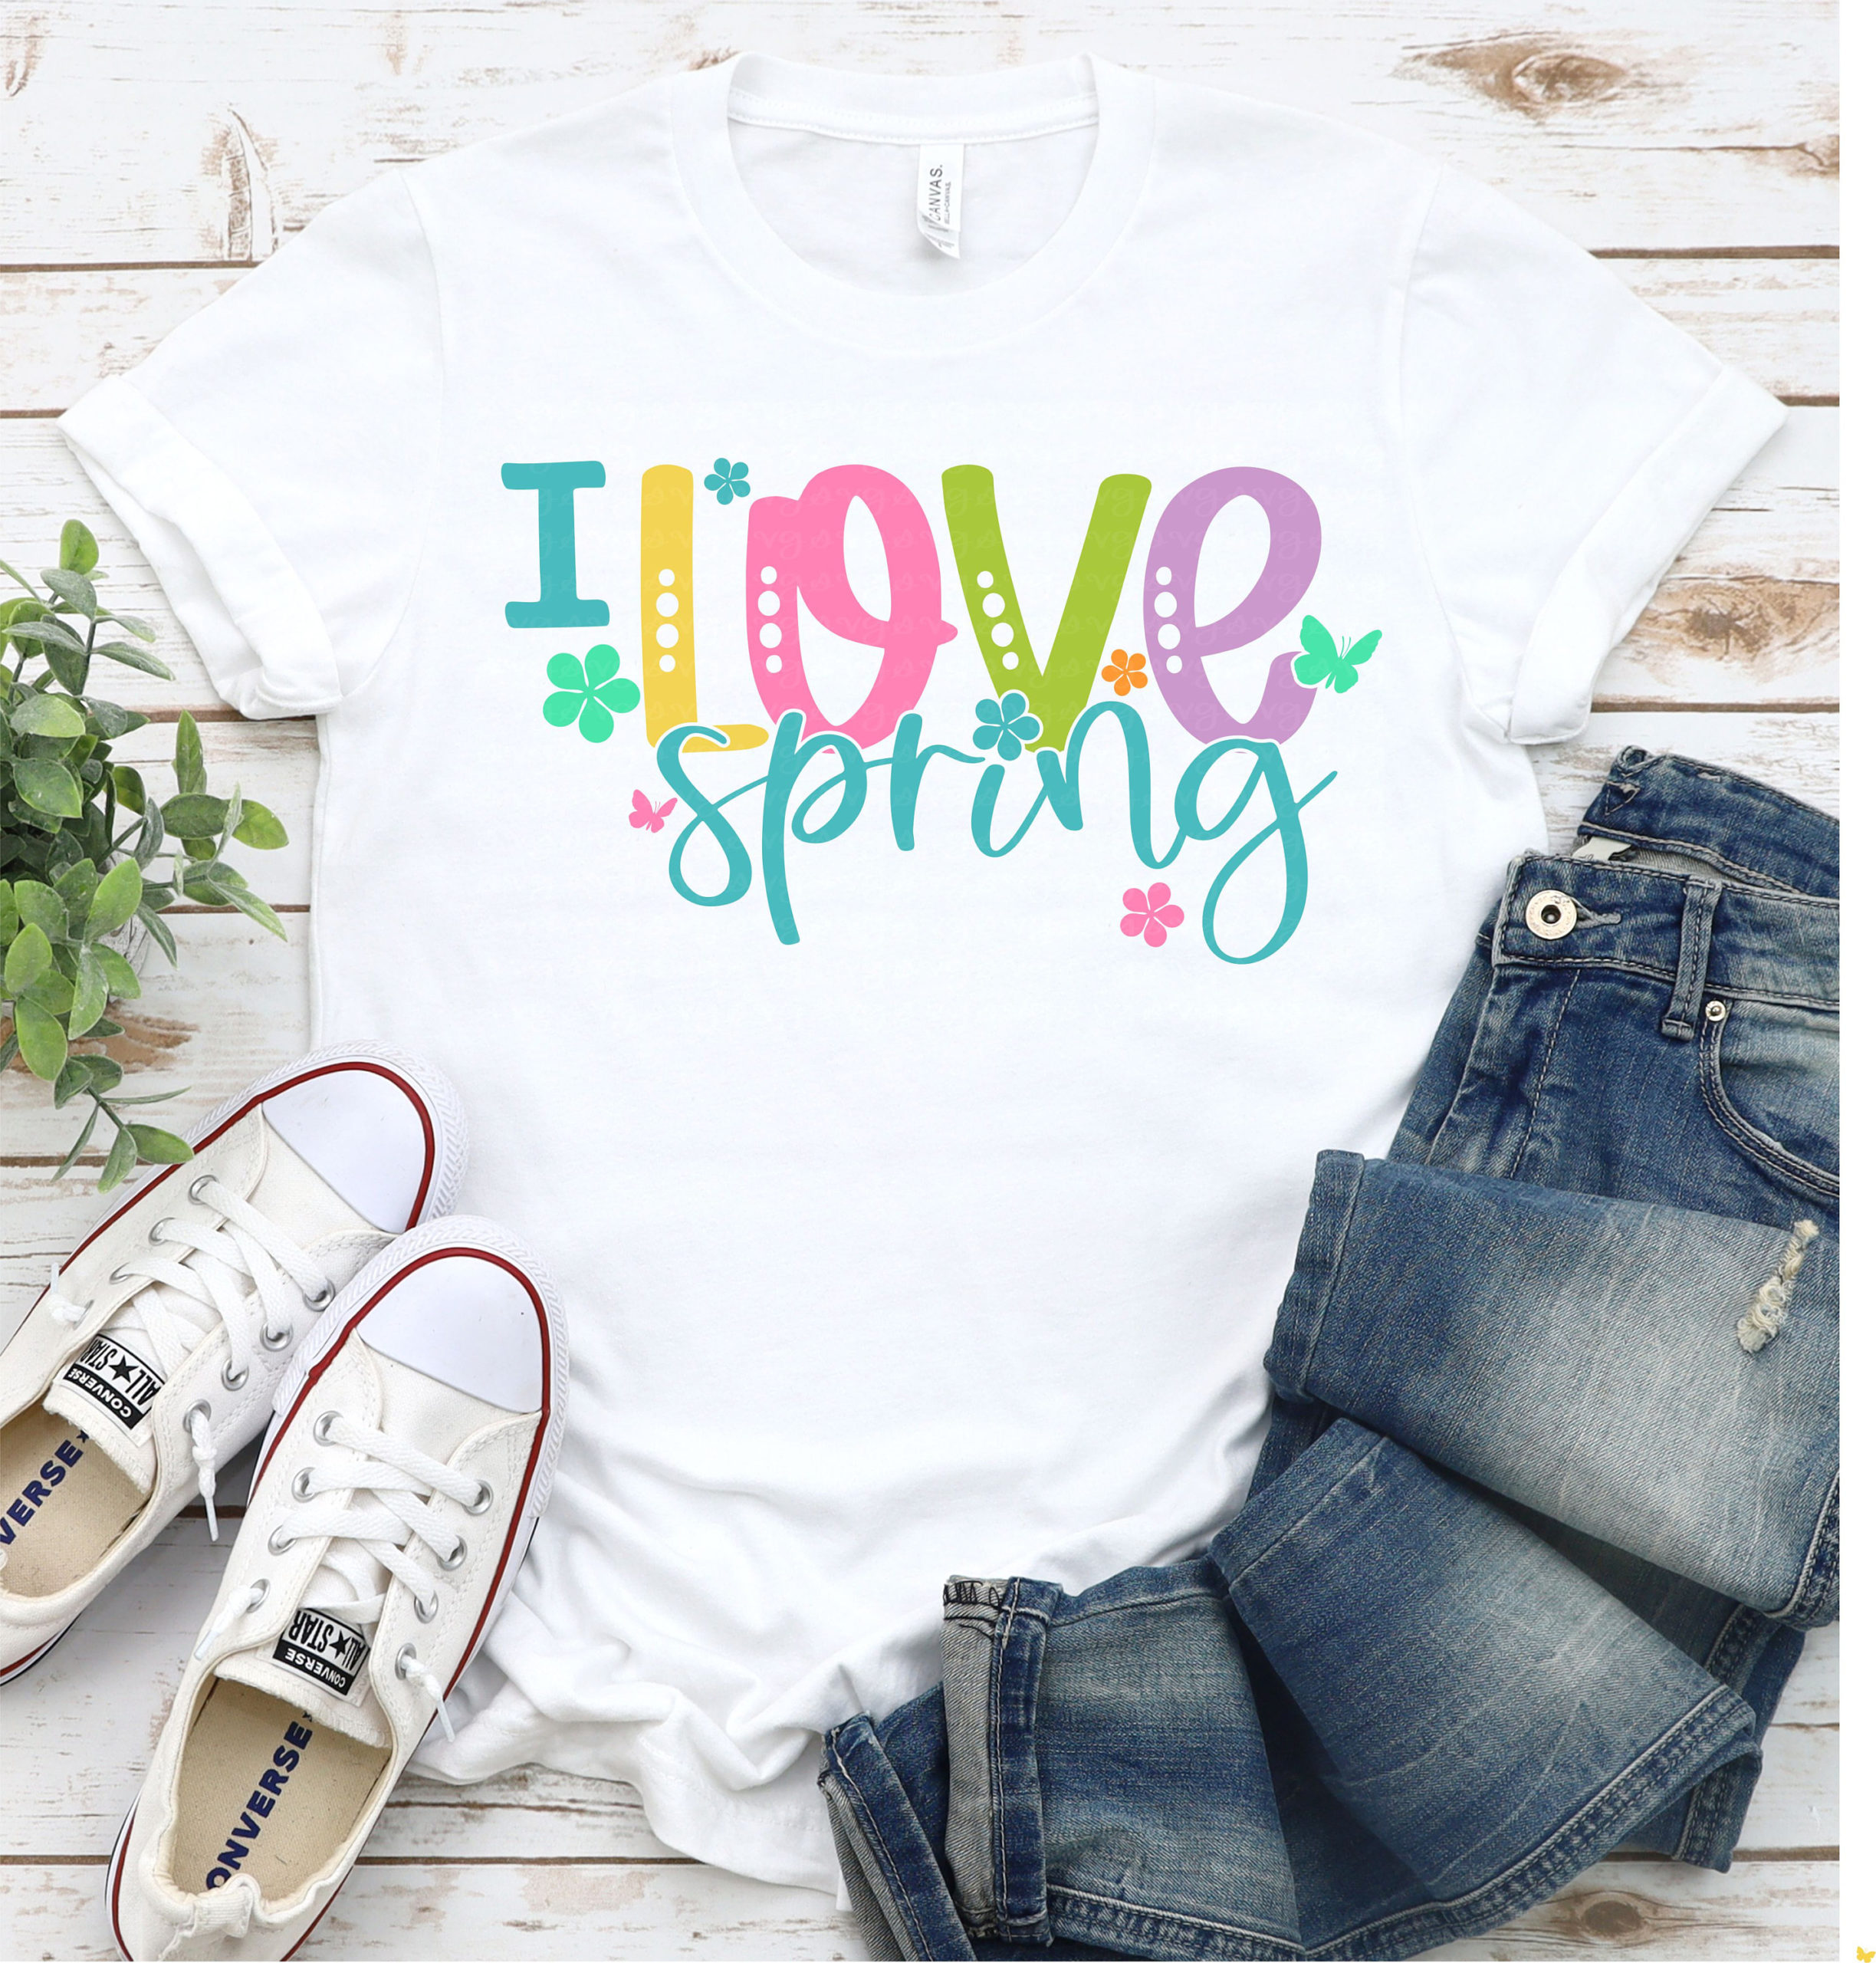 Spring-svg-i-love-spring-svg-springtime-svg-butterfly-svg-welcome-spring-svg-spring-svg-design-spring-cut-file-spring-cricut-60513aec